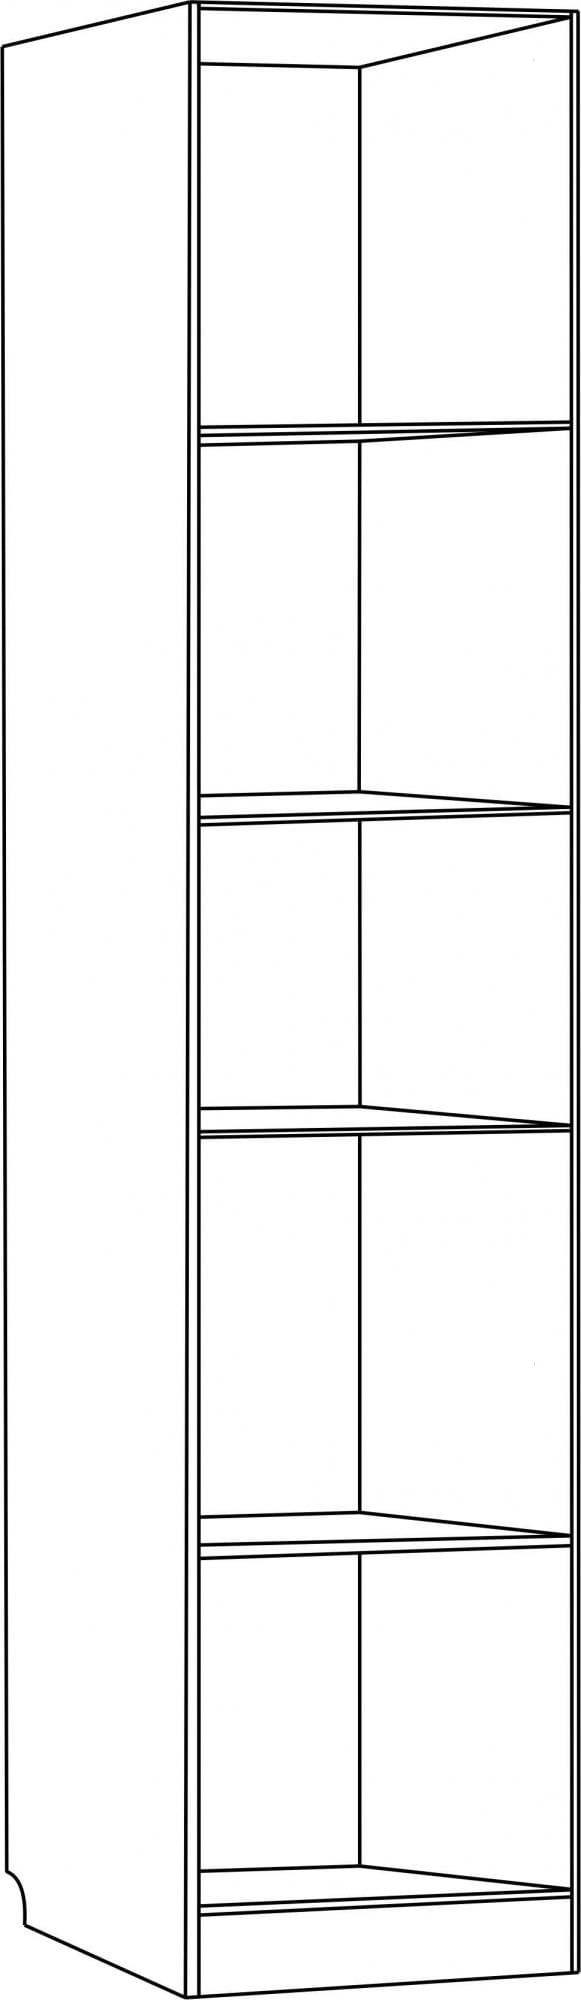 Шкаф для посуды с дверцей узкий С 210 П